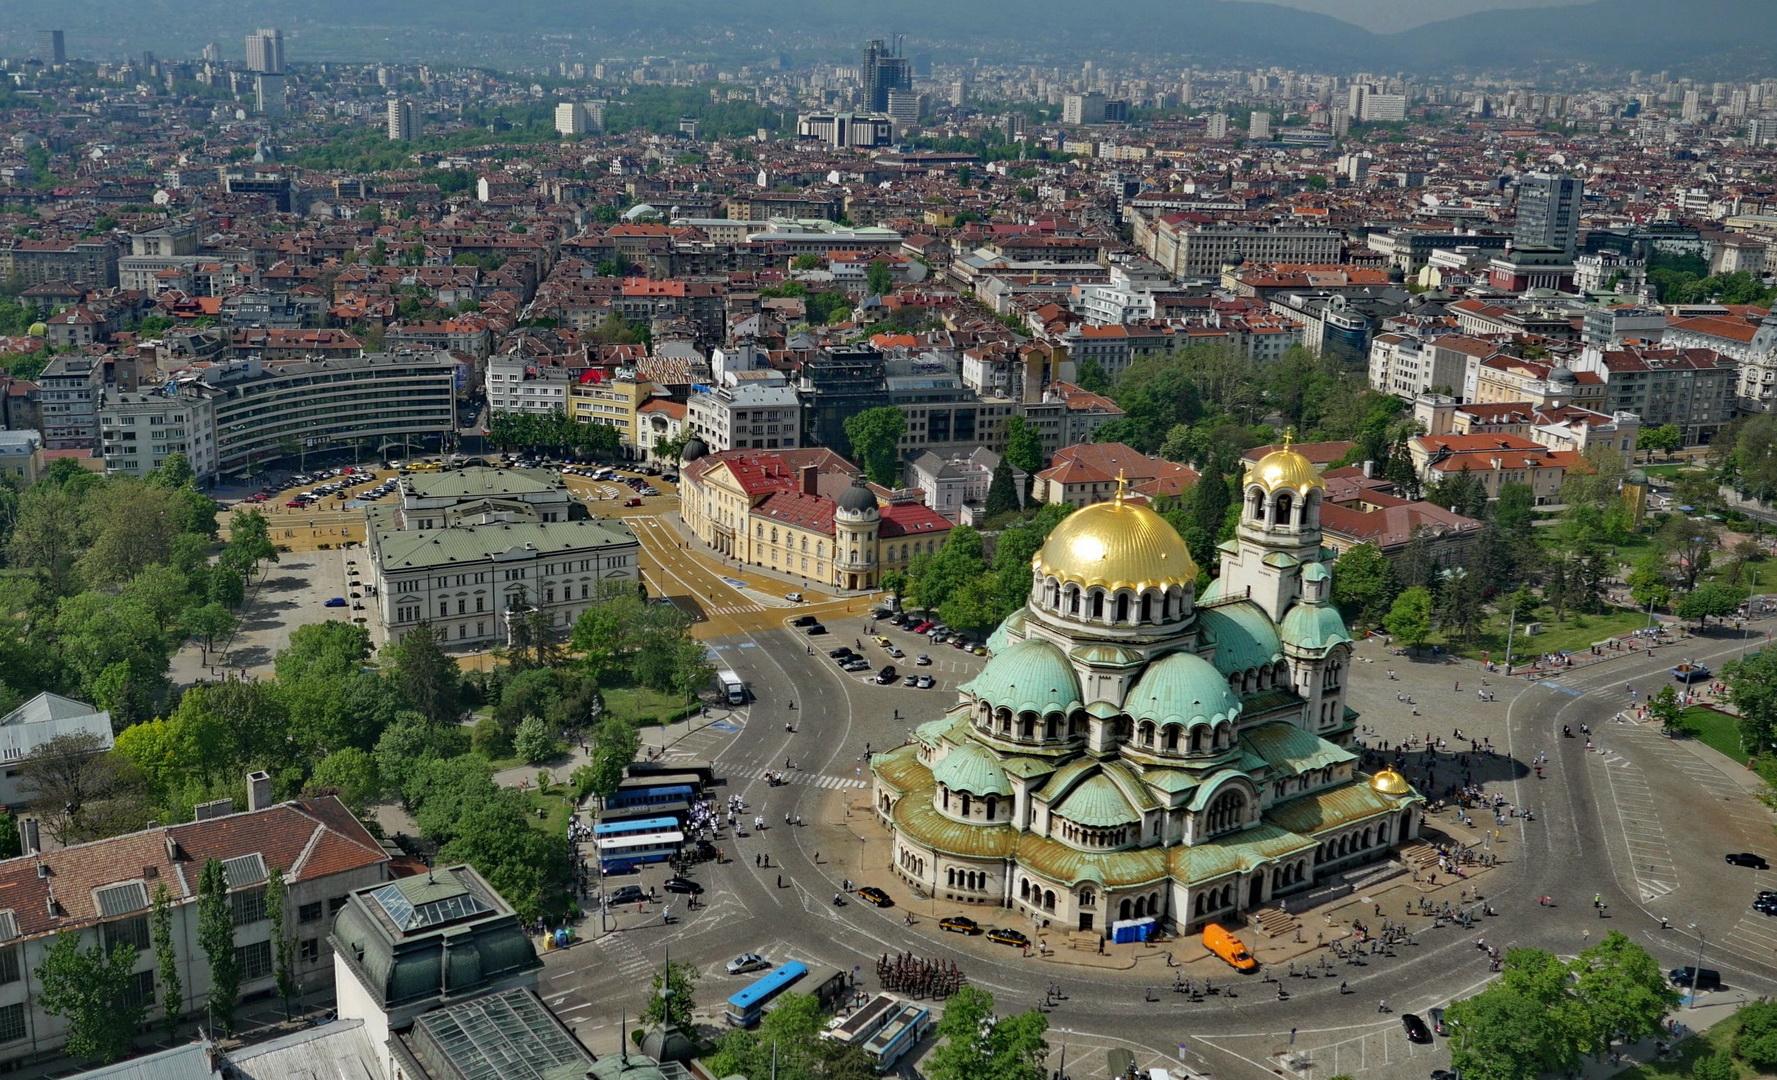 Сделките с имоти в София остават почти без промяна през първото тримесечие